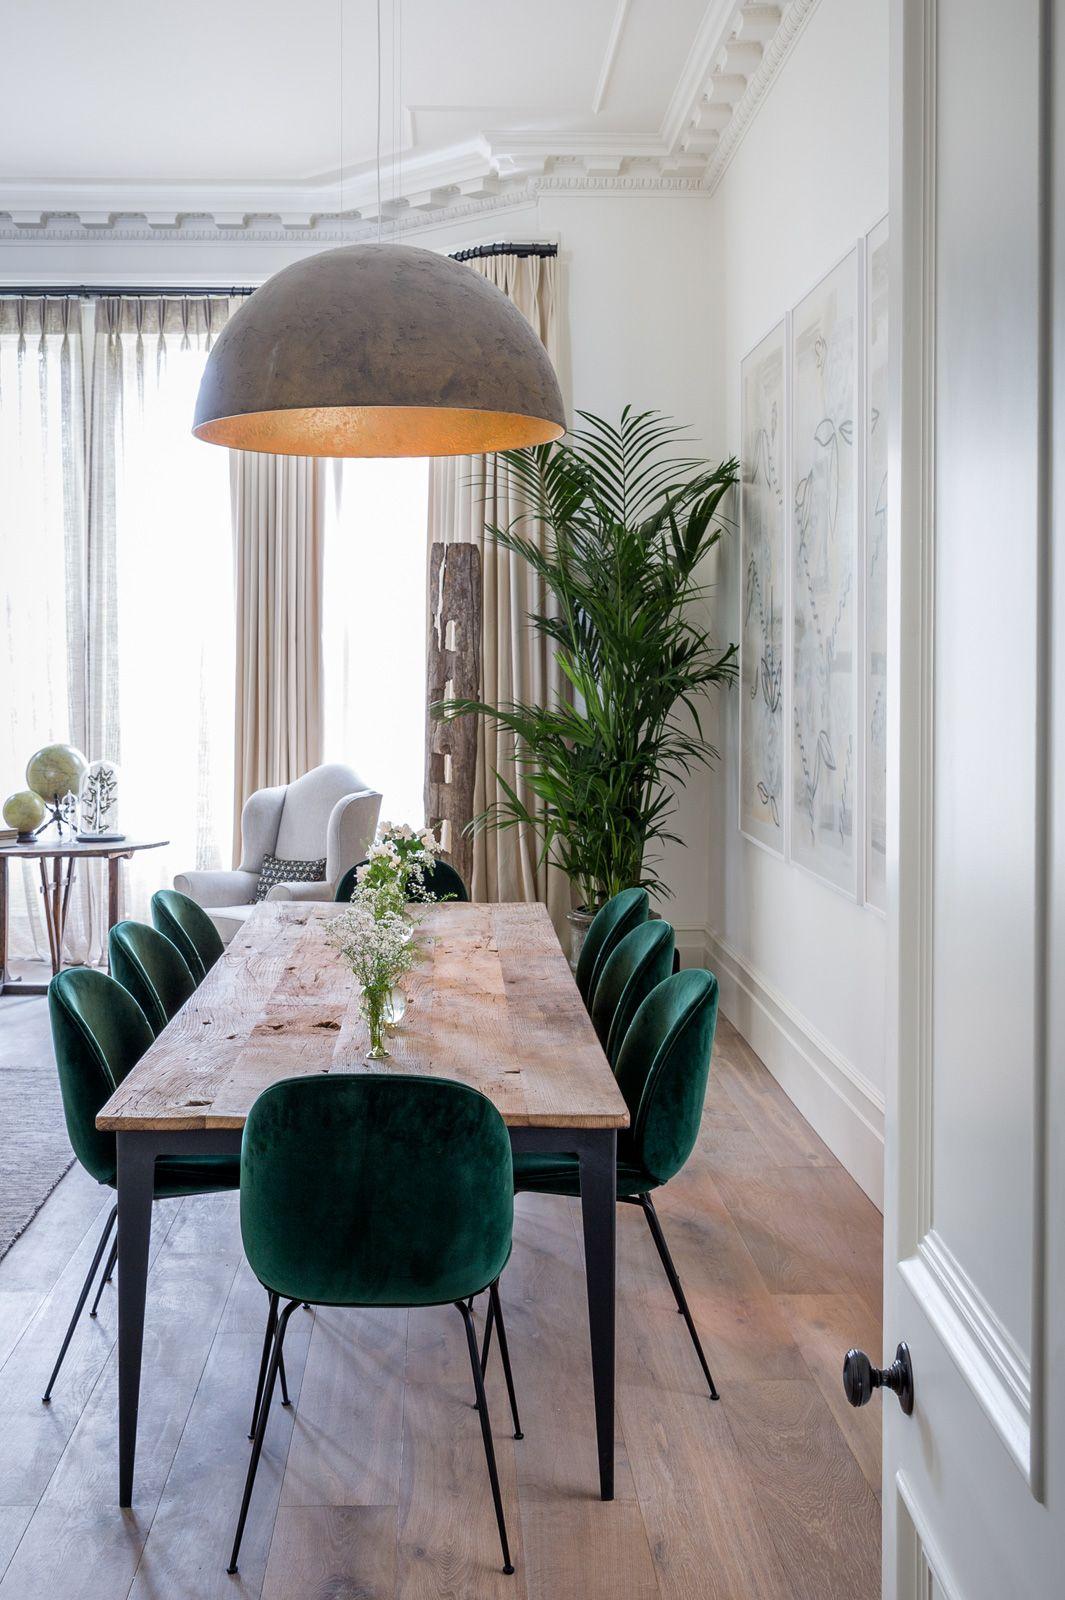 Salle A Manger Avec Table Rustique En Bois Et Chaises En Velours Vert Ainsi Qu Une Suspension En Bet Minimalist Dining Room Grey Dining Room Elegant Home Decor